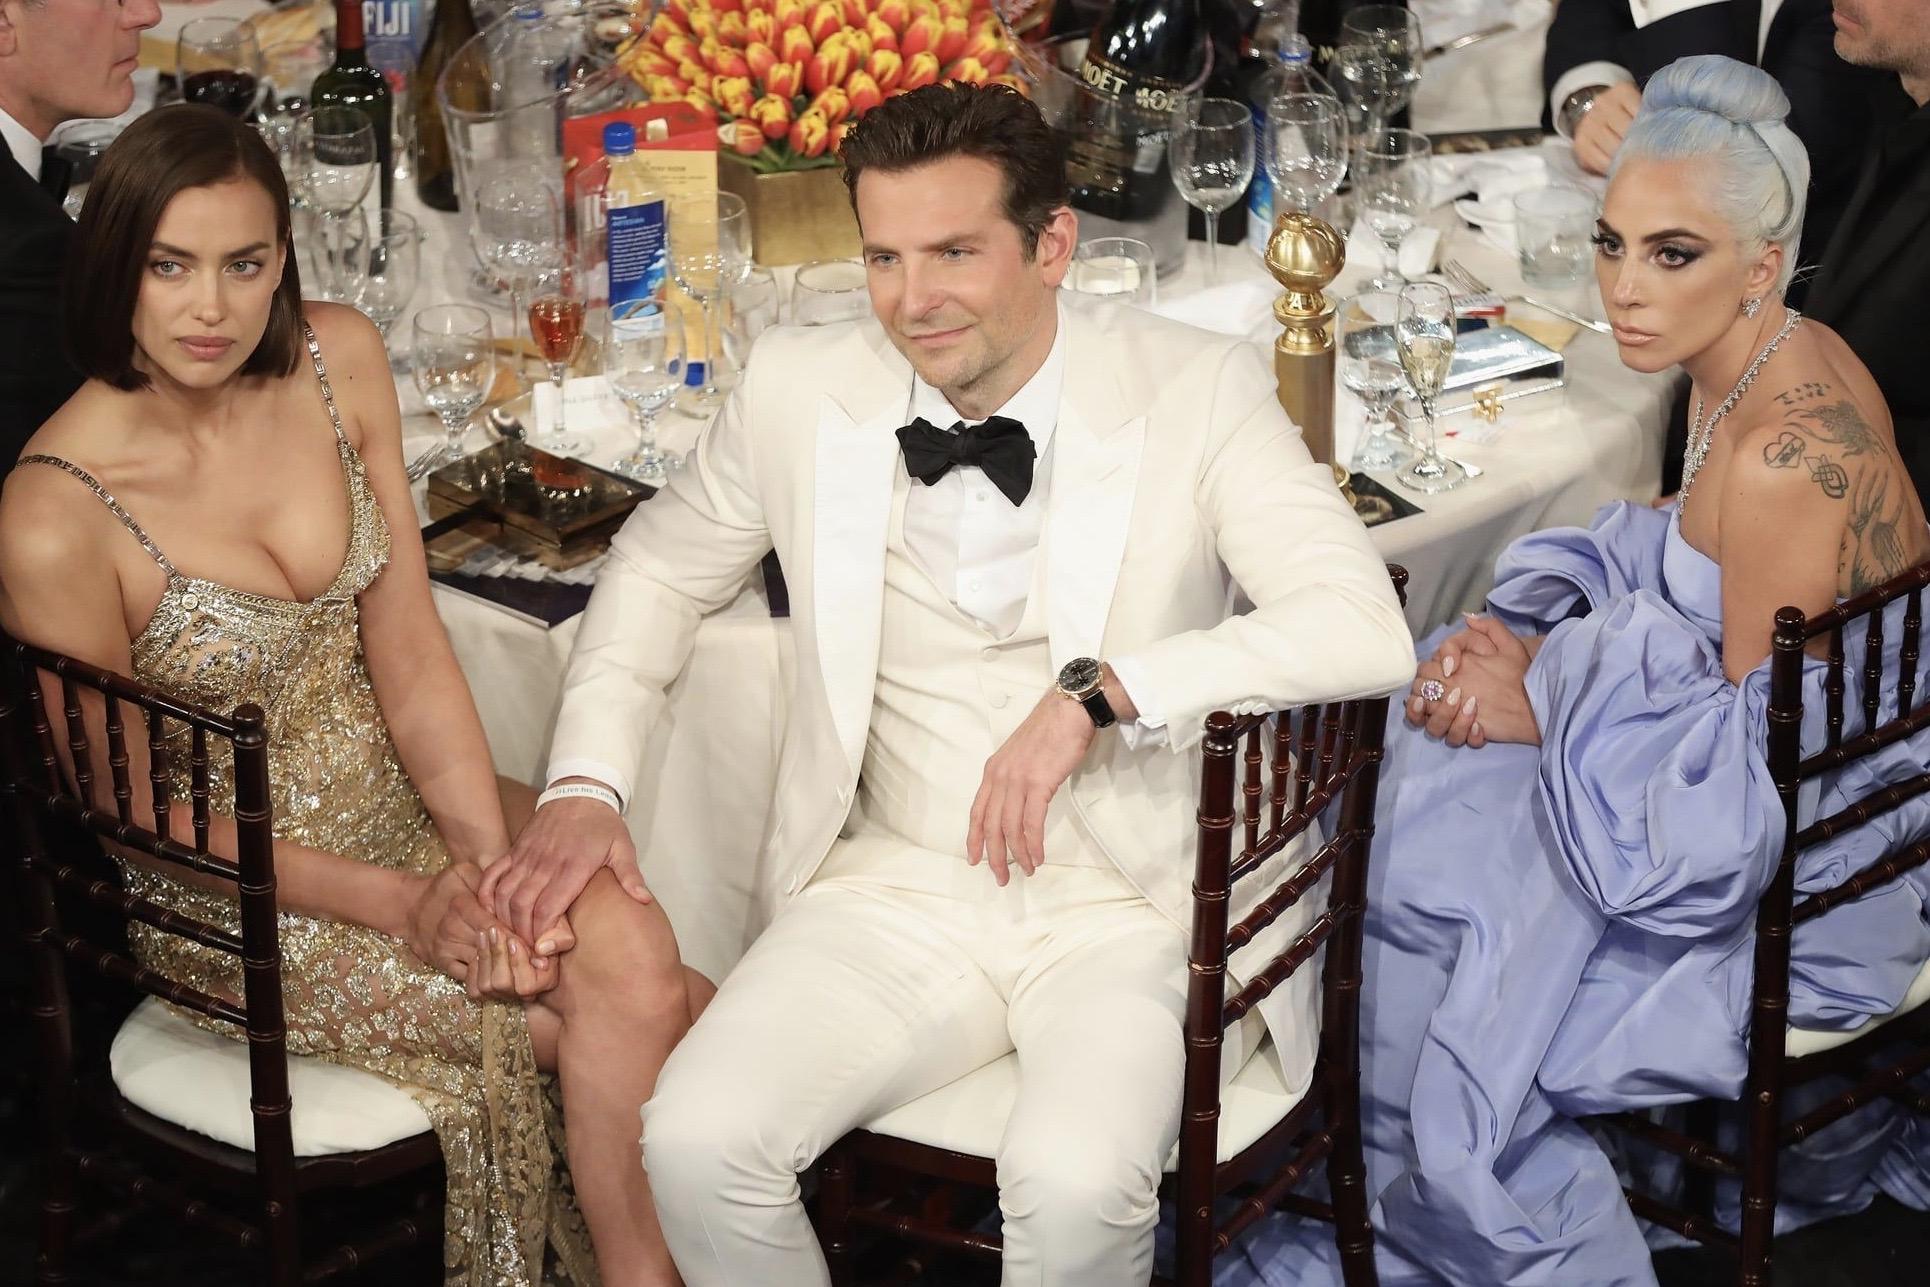 травля и буллинг звезд: Леги Гага, Бредли Купер